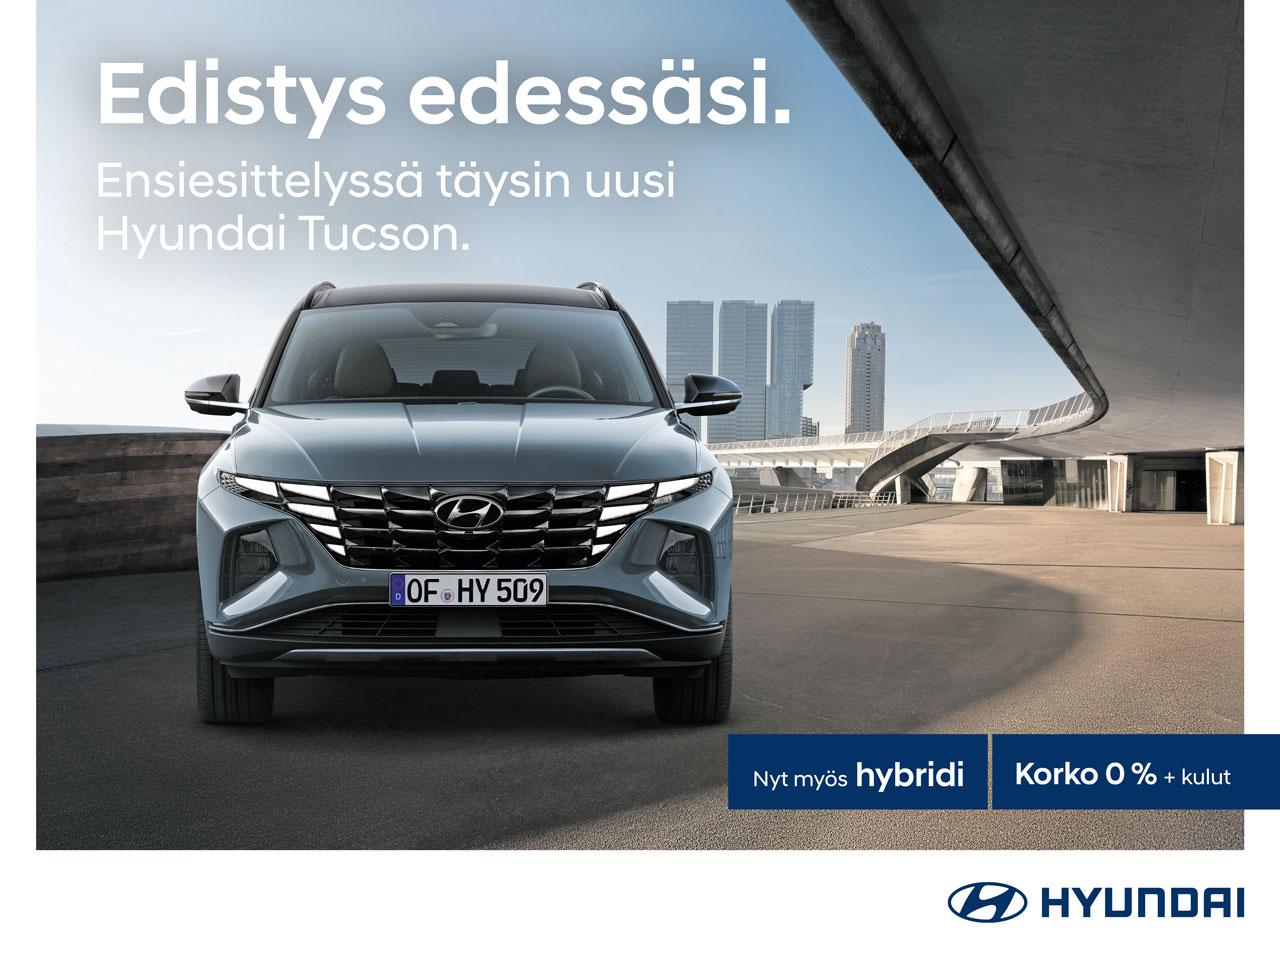 Ensiesittelyssä täysin uusi Hyundai Tucson